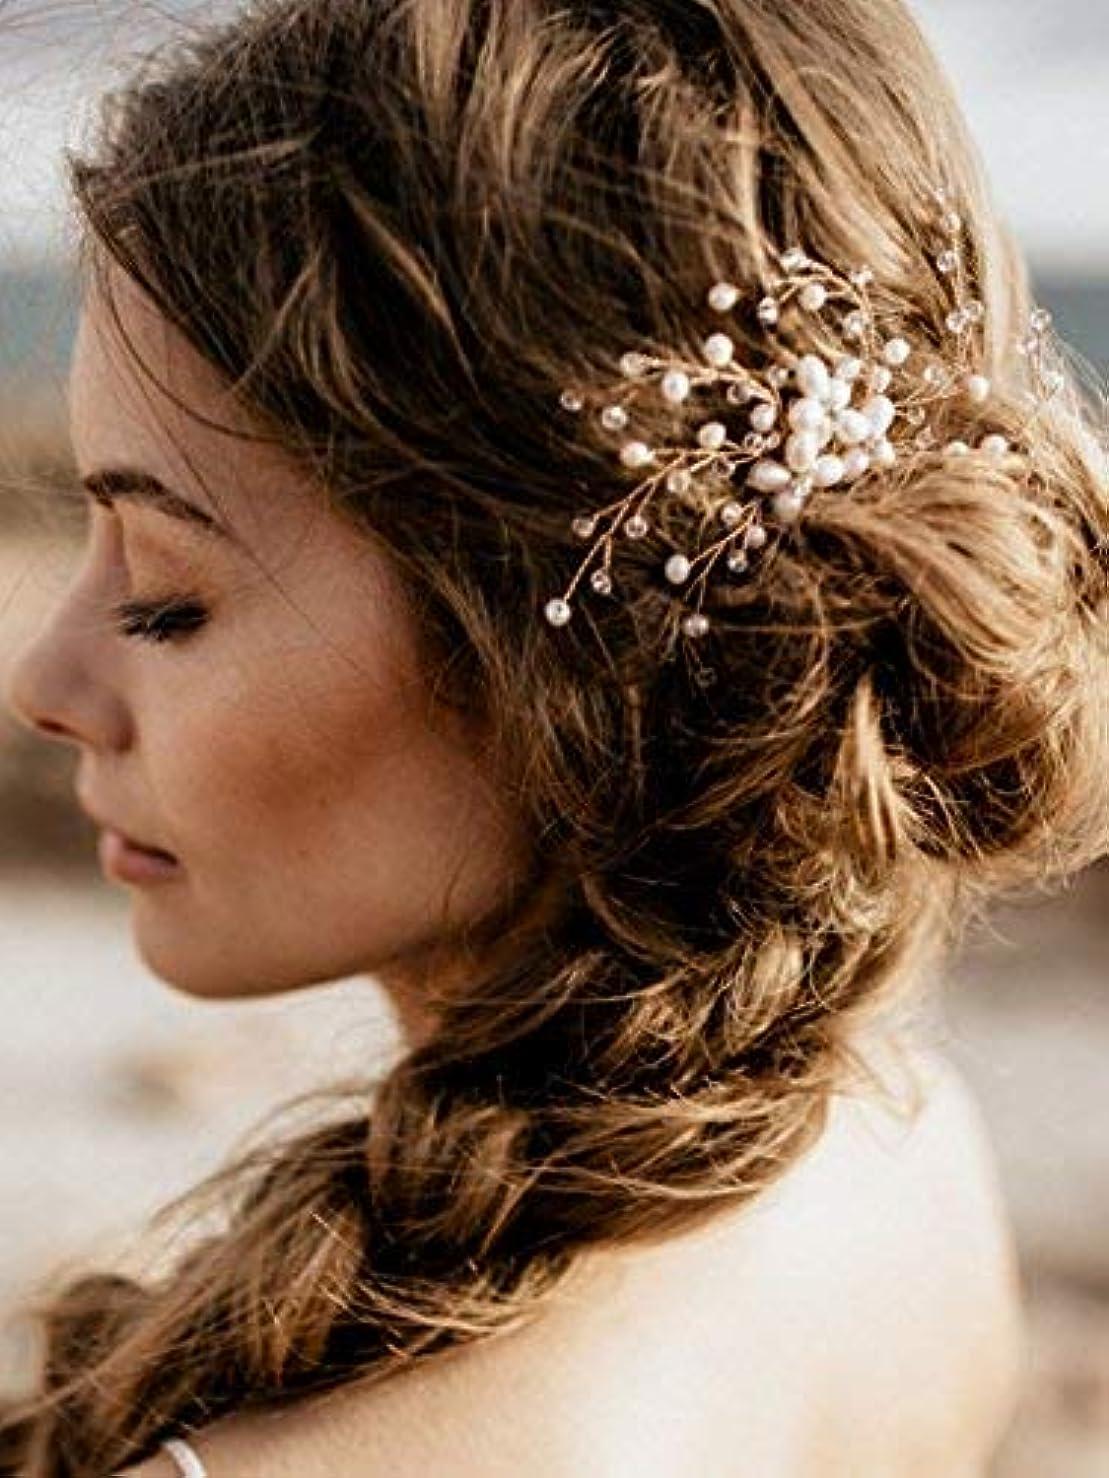 宣言荒廃するまばたきFXmimior Vintage Bridal Women Vintage Wedding Party Hair Comb Crystal Vine Hair Accessories [並行輸入品]